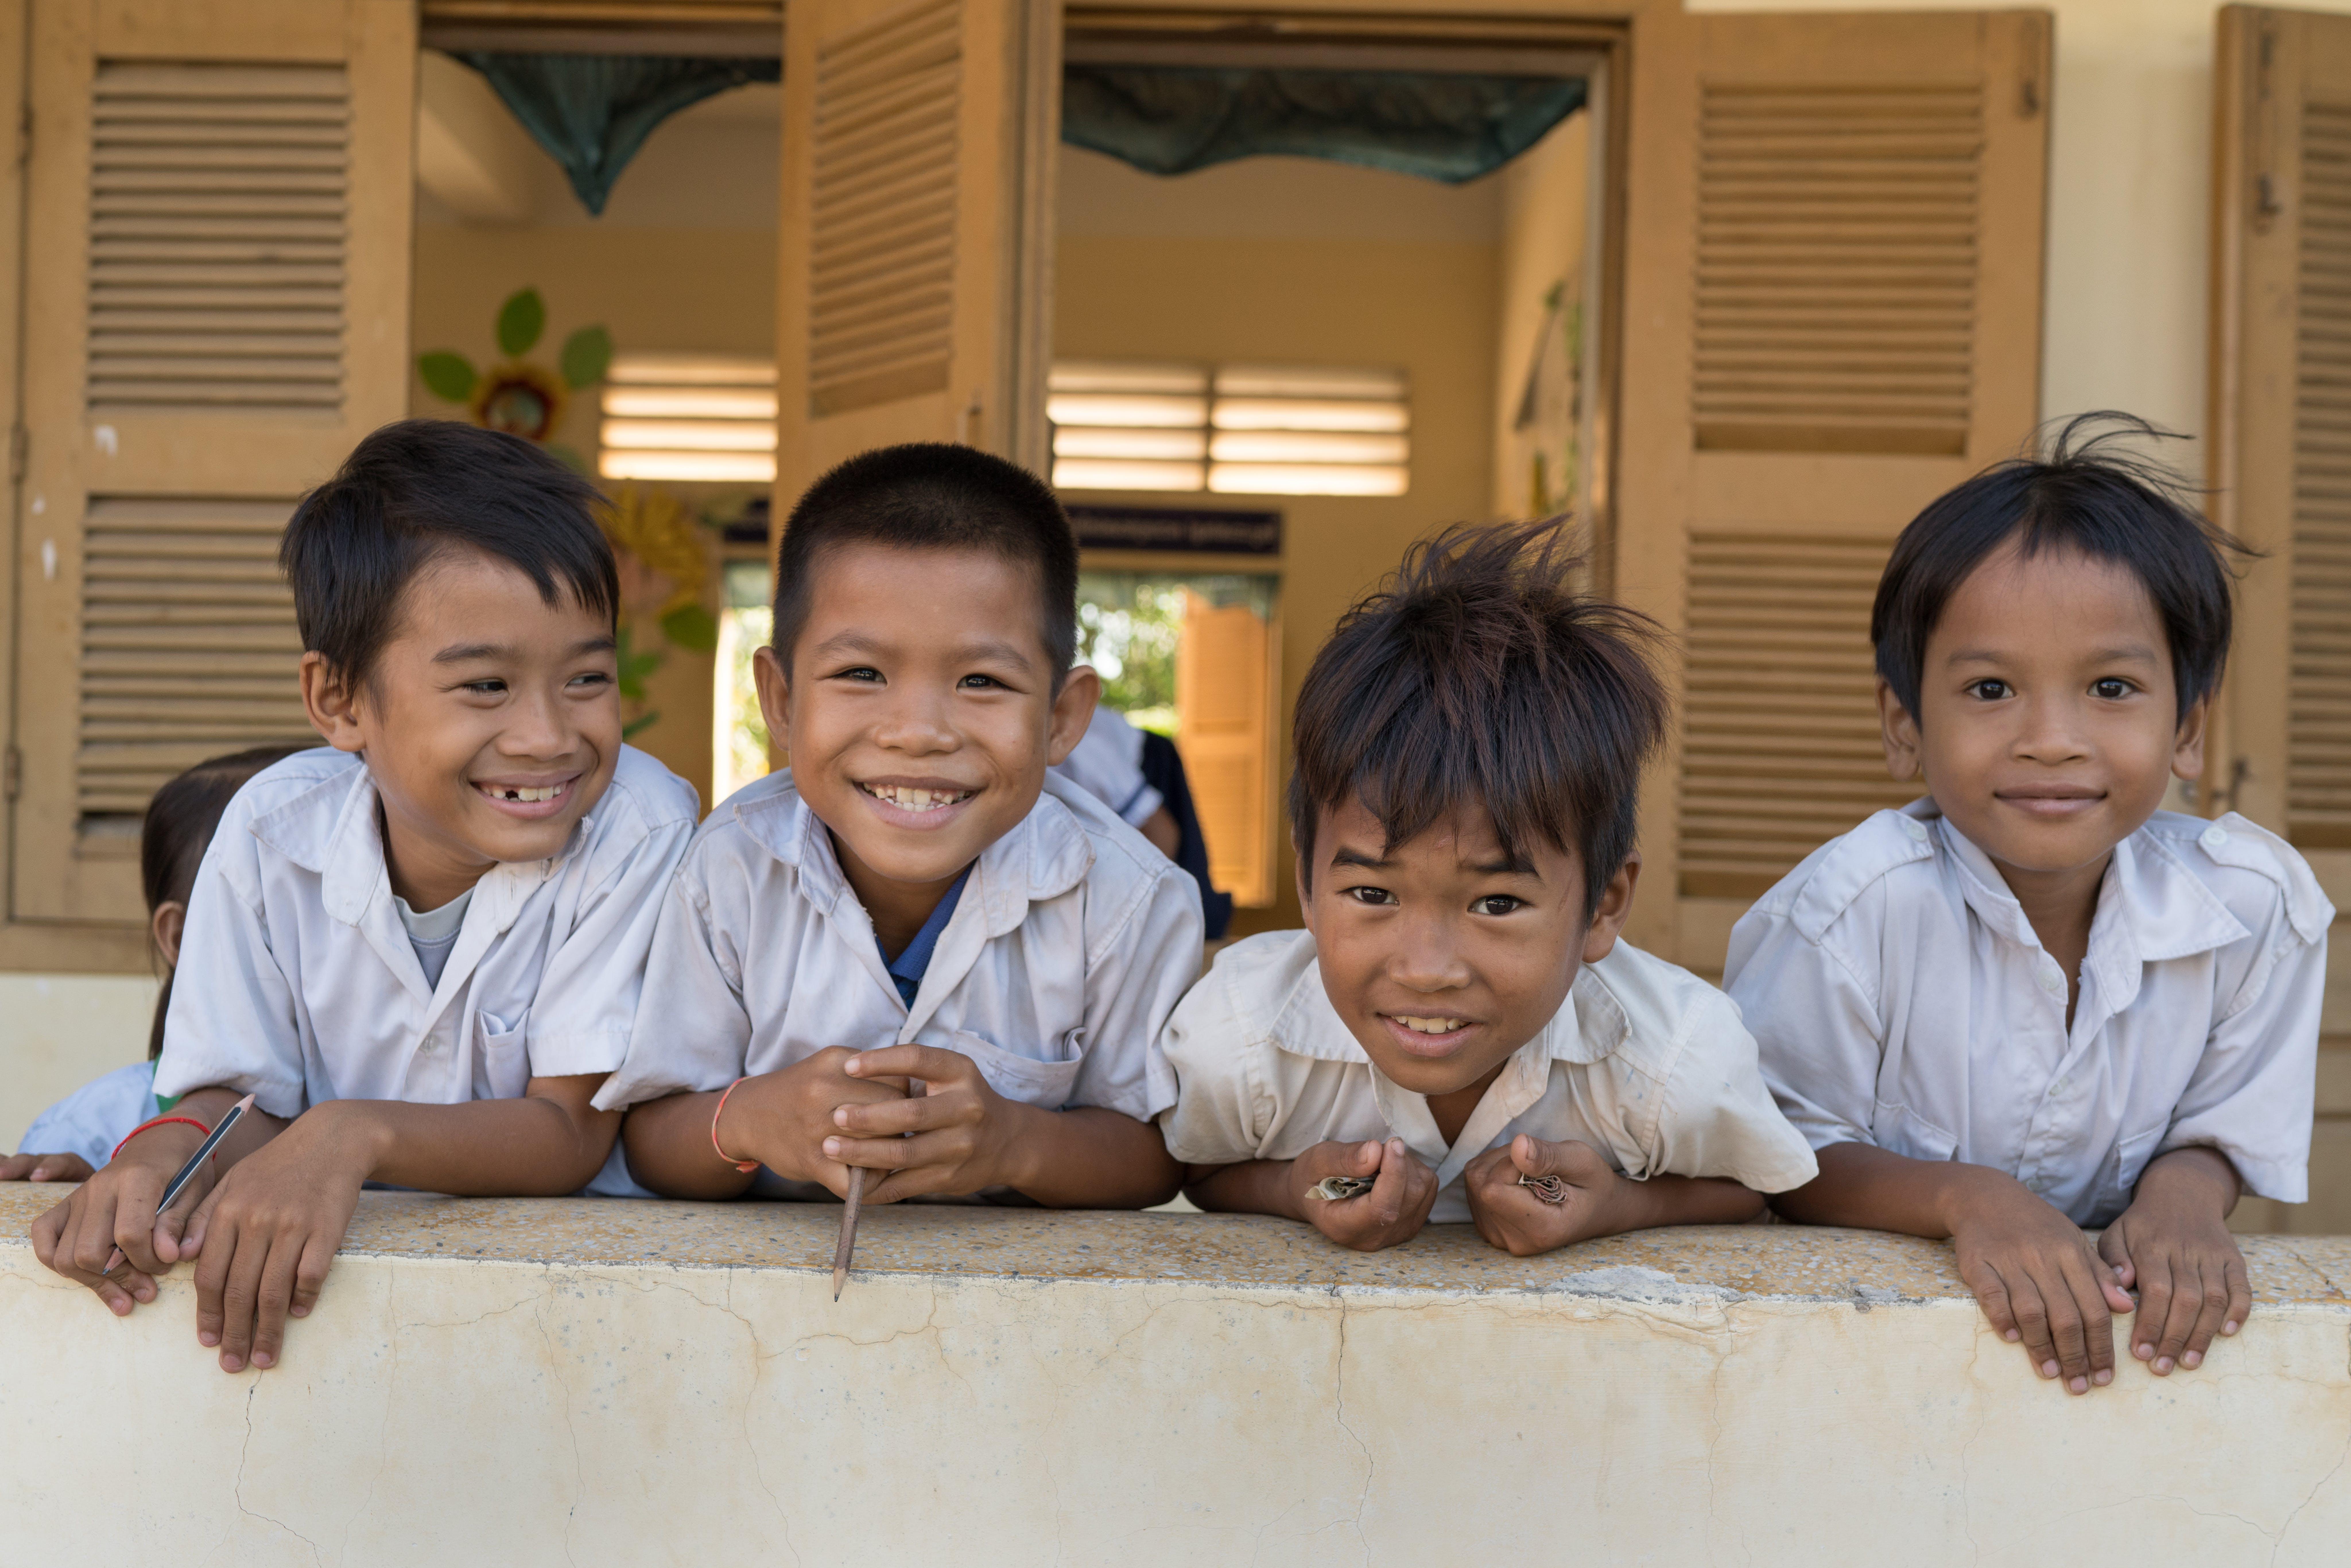 Gruppo di bambini che sorridono fuori dalla scuola elementare di Watanak Chhoung Leap, nel distretto di Sa'ang in Cambogia.